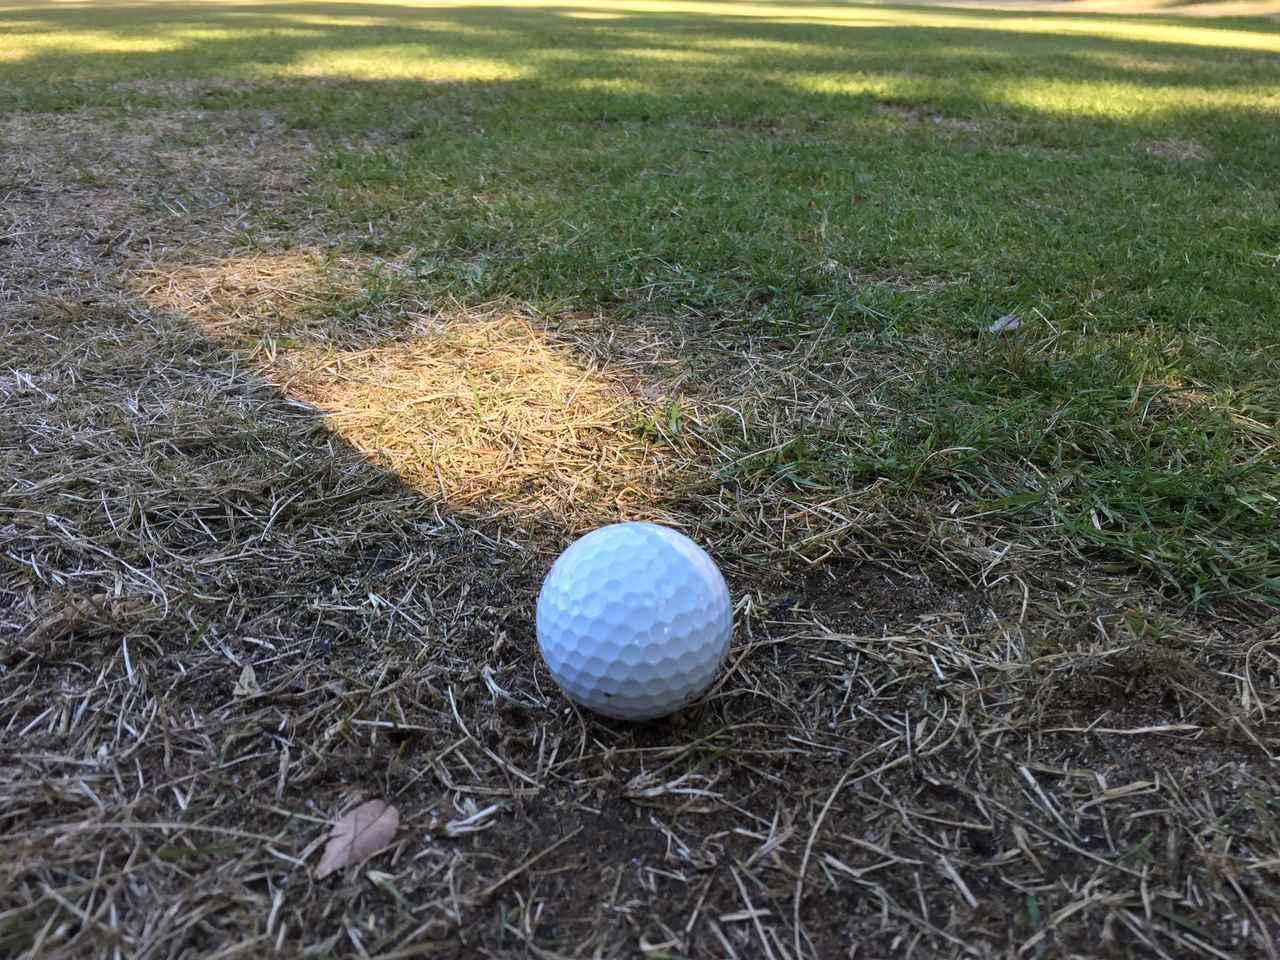 画像: グリーン周りの薄い芝。「何番」で打つのが正解ですか? - みんなのゴルフダイジェスト